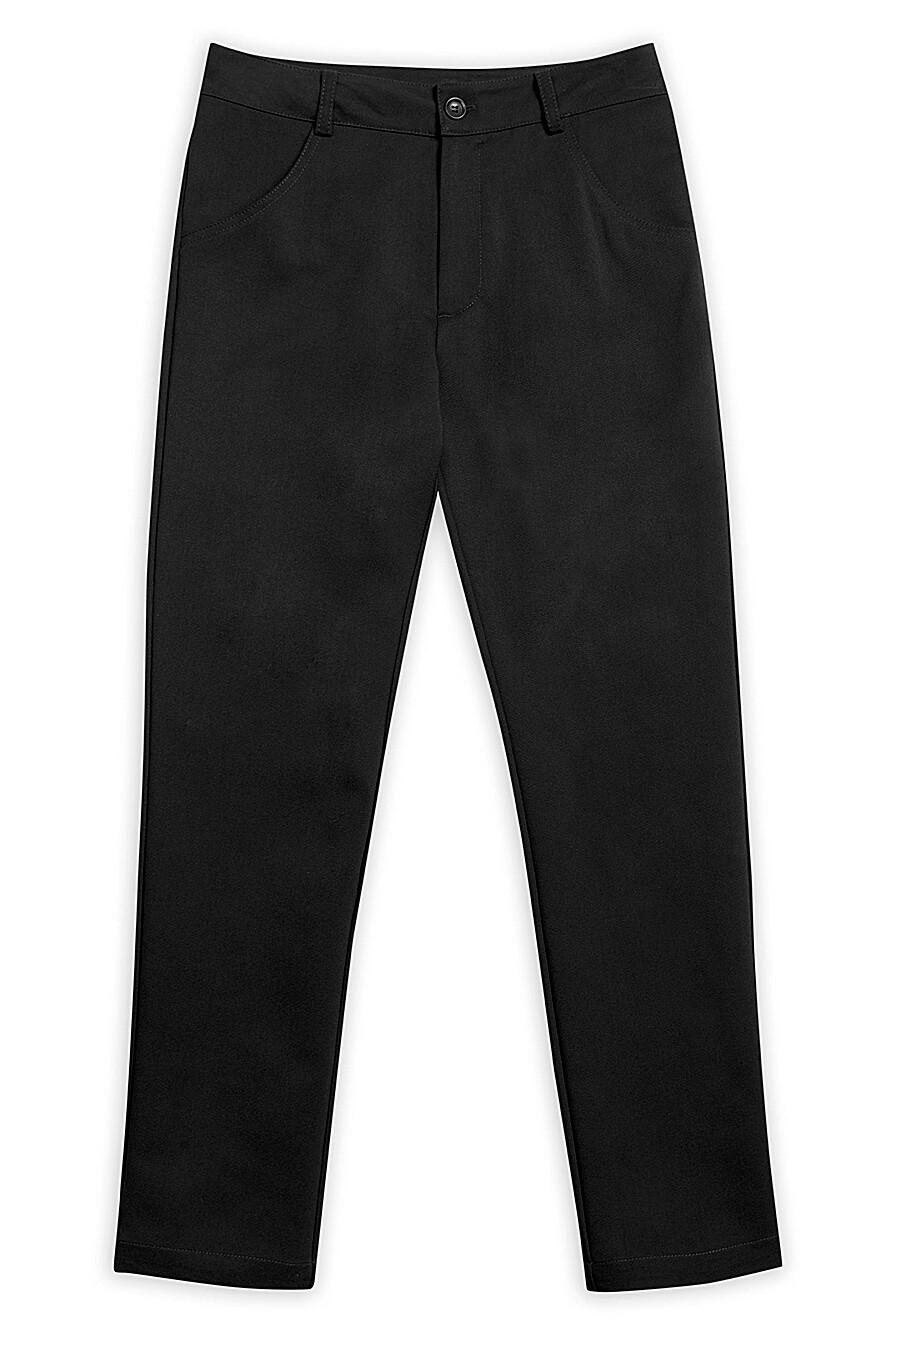 Брюки для мальчиков PELICAN 218599 купить оптом от производителя. Совместная покупка детской одежды в OptMoyo